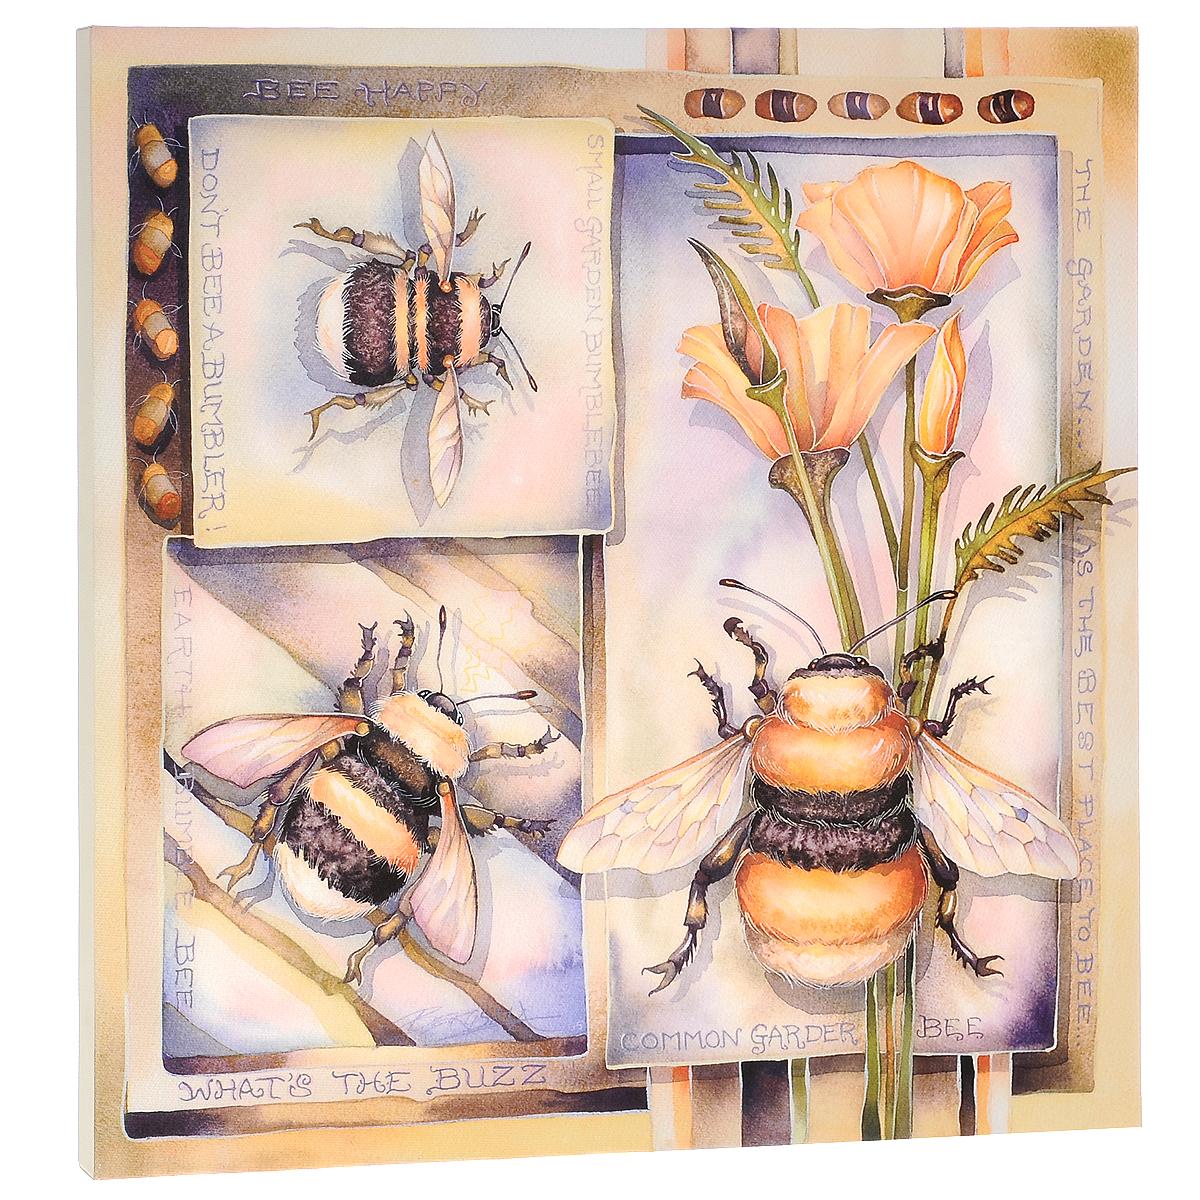 КвикДекор Картина на холсте Пчёлы, 40 см х 40 смAP-00260-6549-Cn4040Картина на холсте КвикДекор Пчёлы автора Джоди Бергсма станет прекрасным решением для декора помещения. Она добавит в интерьер яркий акцент и сделает обстановку уютной. Изделие представляет собой картину с латексной печатью на натуральном хлопчатобумажном холсте. Галерейная натяжка холста на подрамники выполнена очень аккуратно, а боковые части картины запечатаны тоновой заливкой. Обратная сторона подрамника содержит отверстие, благодаря которому картину можно легко закрепить на стене и подкорректировать ее положение. Работы автора картины Джоди Бергсма воплощают ее отношения с природой и ее страсть к мифическим существам. Ее коллекция изображений включает в себя все: от фей и русалок до Знаков Зодиака и дикой природы. Картина Пчёлы превосходно подойдет к интерьеру не только детской комнаты, но и гостиной. Картина поставляется в стрейч-пленке с защитными картонными уголками, упакована в гофрокоробку с термоусадкой.